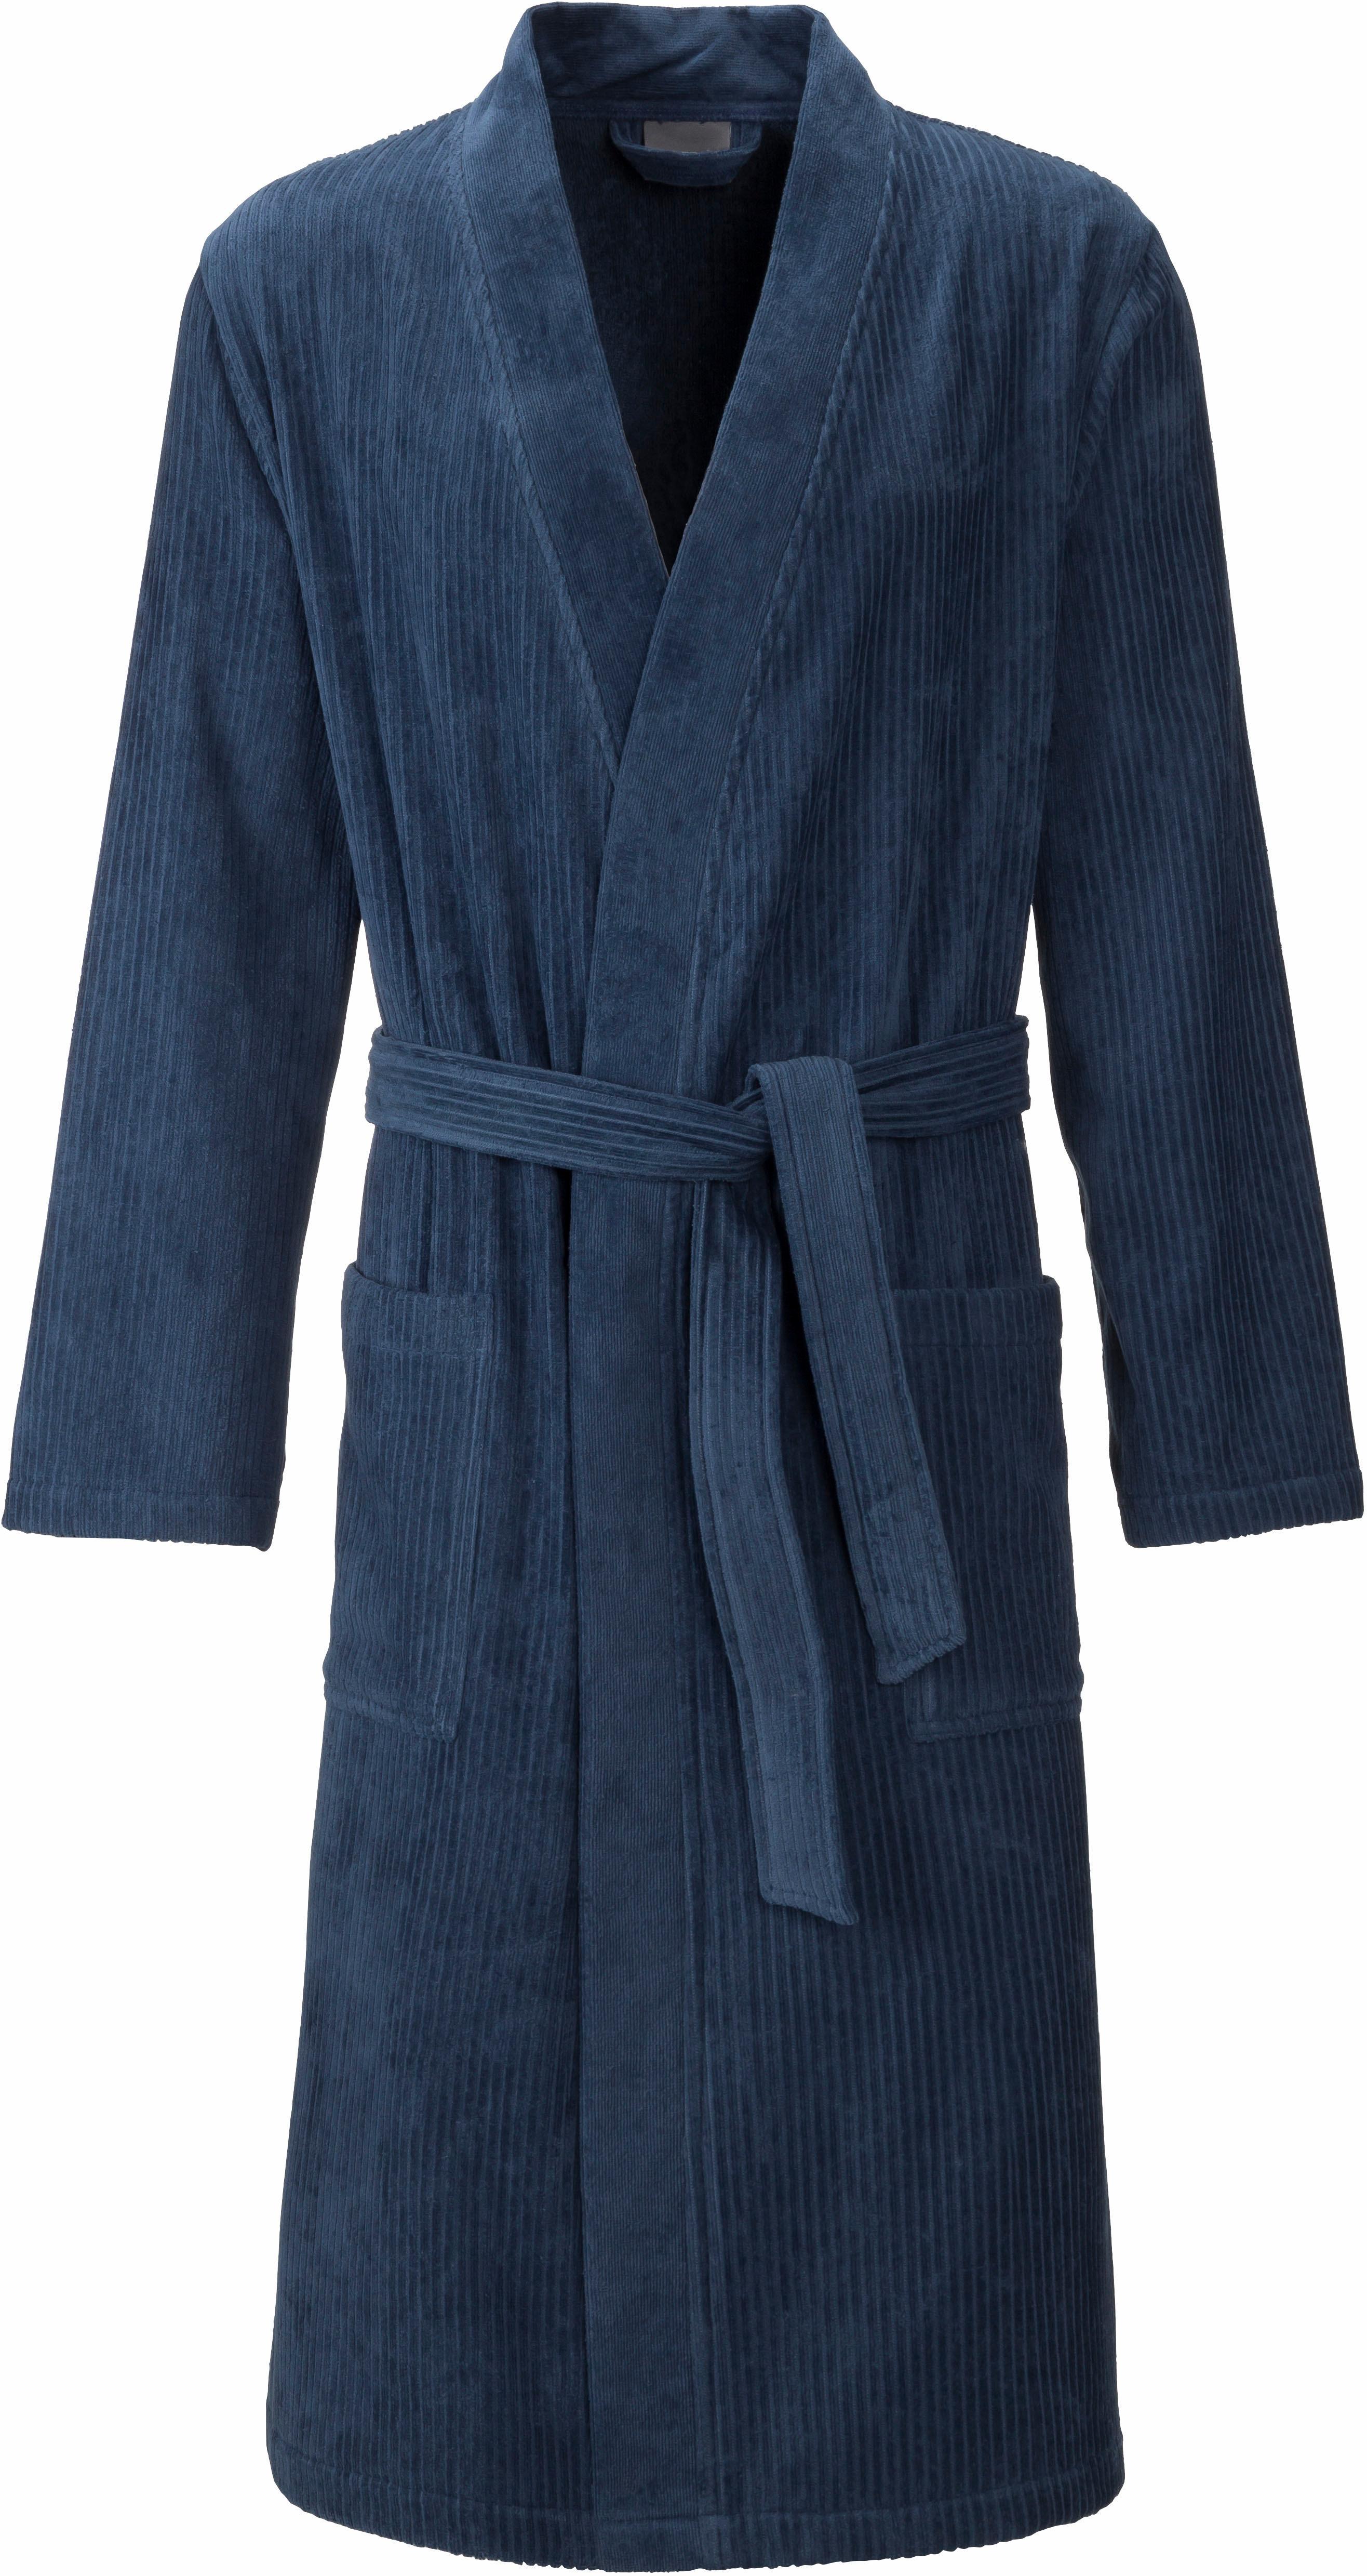 Herrenbademantel, Egeria, »Adam«, mit aufgesetzten Taschen | Bekleidung > Wäsche > Bademäntel | Blau | Velours - Baumwolle | EGERIA